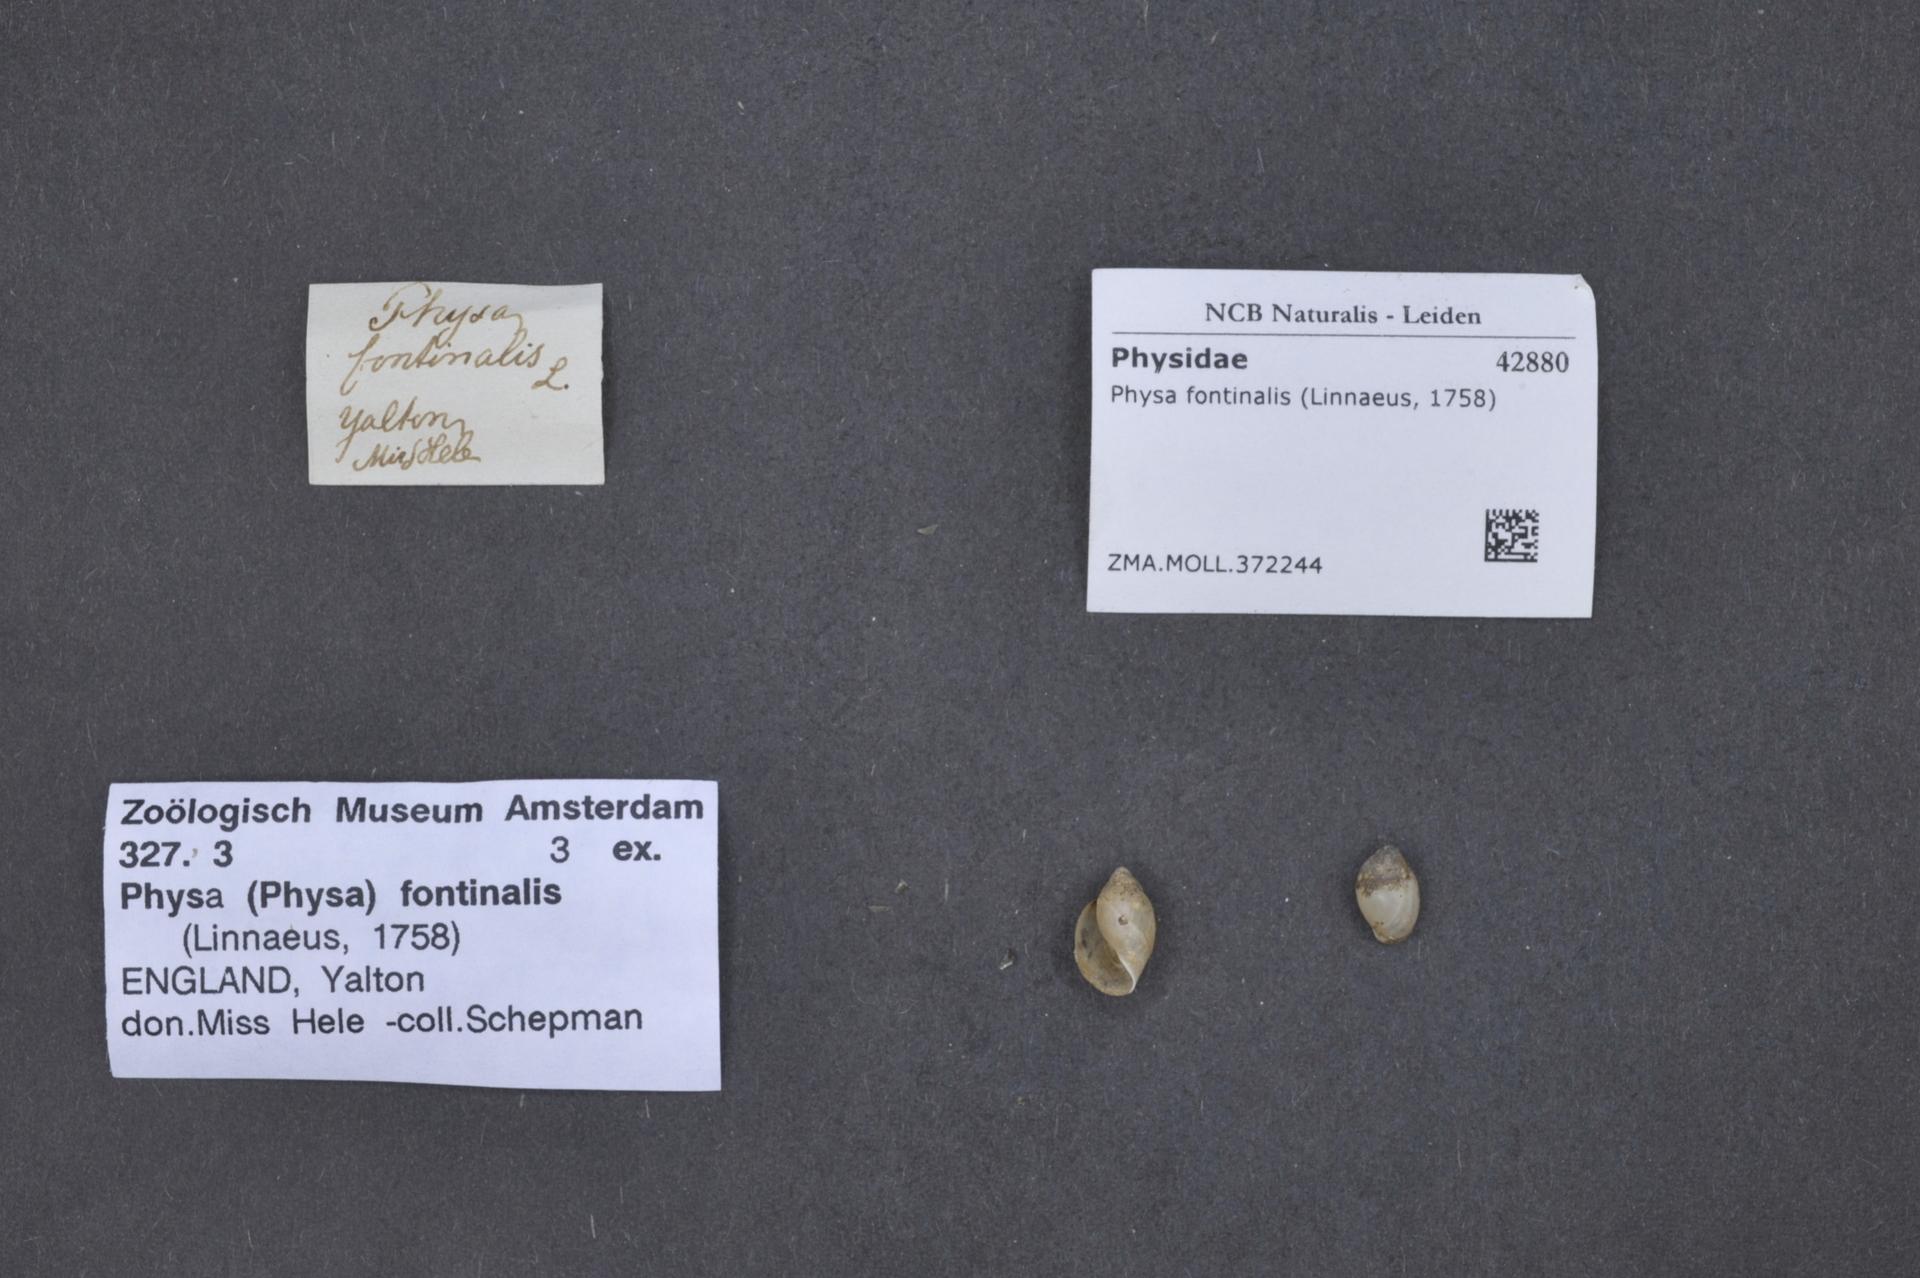 ZMA.MOLL.372244 | Physa fontinalis (Linnaeus, 1758)